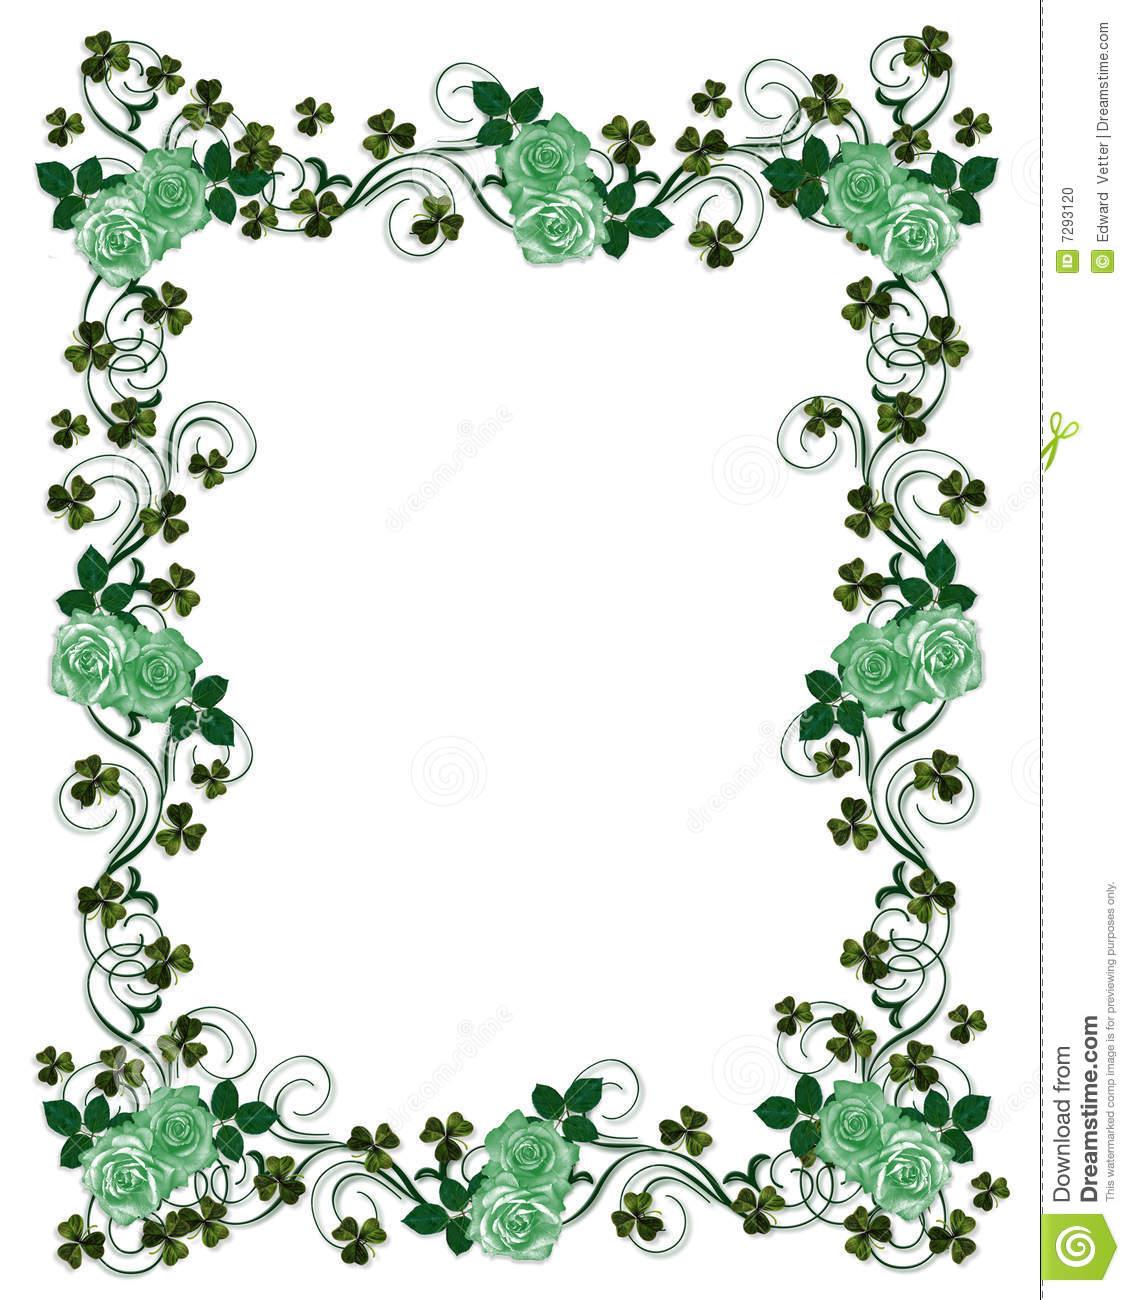 St Patricks Day border stock illustration. Illustration of patricks.